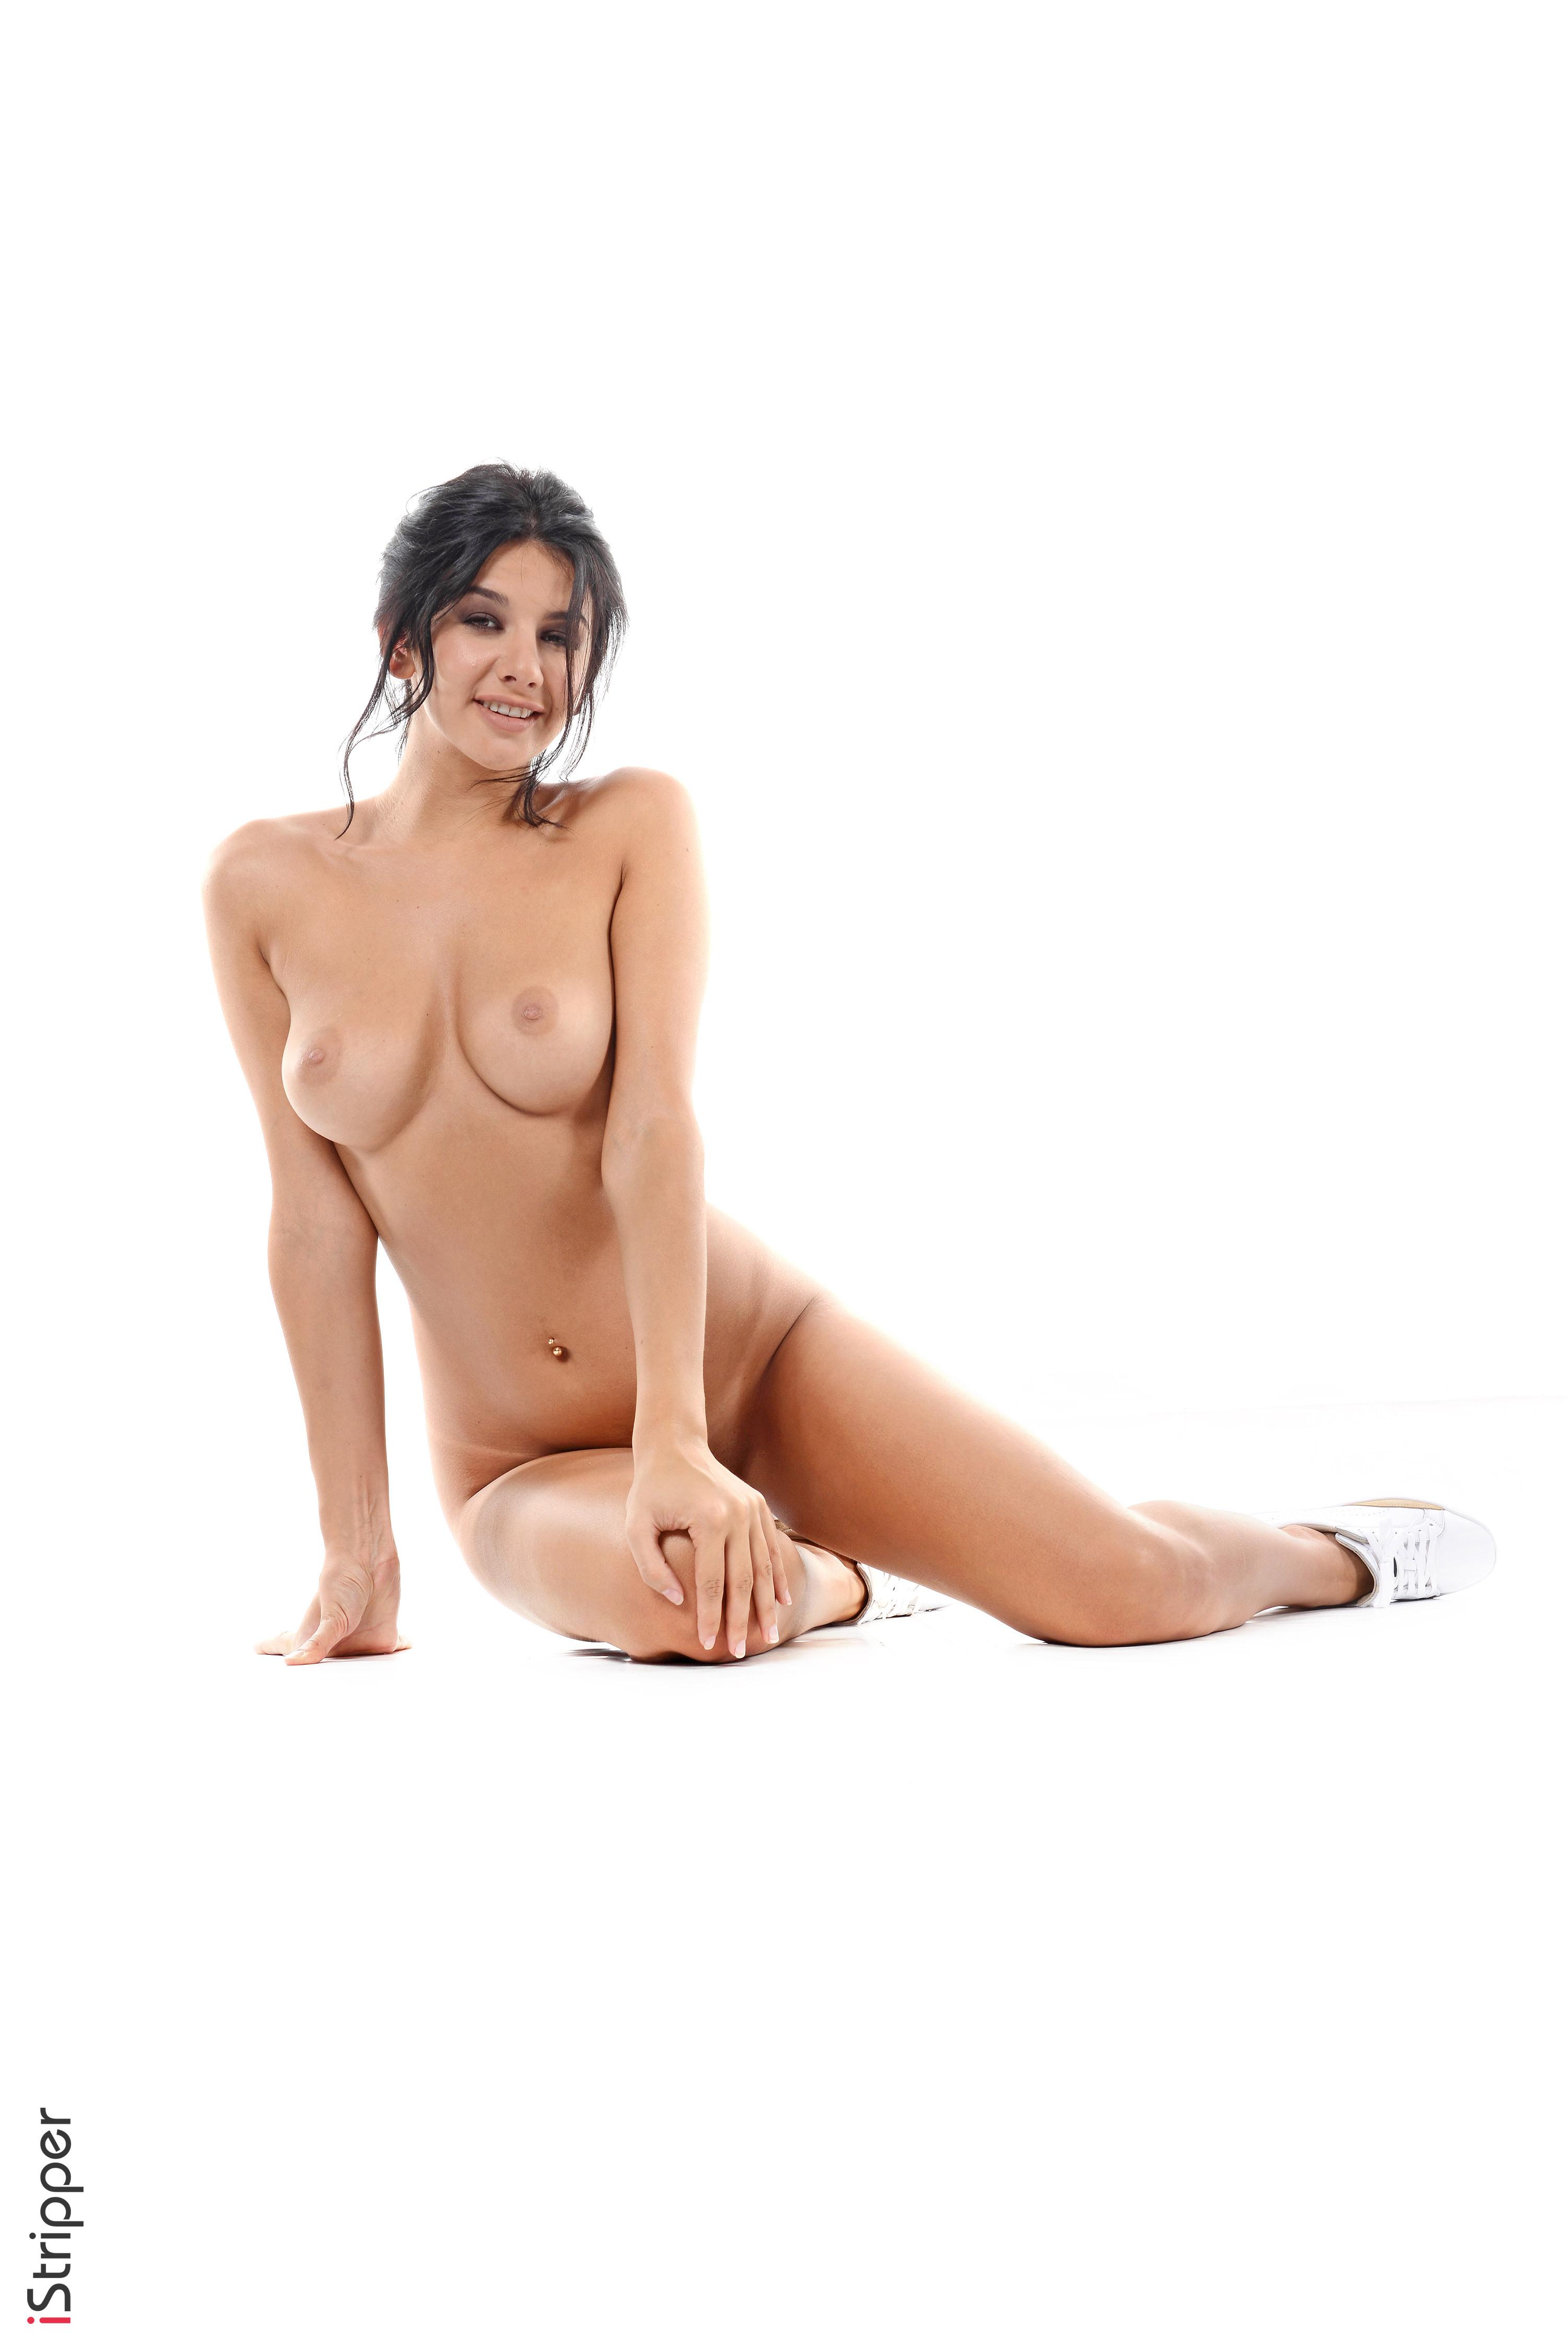 desktop wallpaper nude